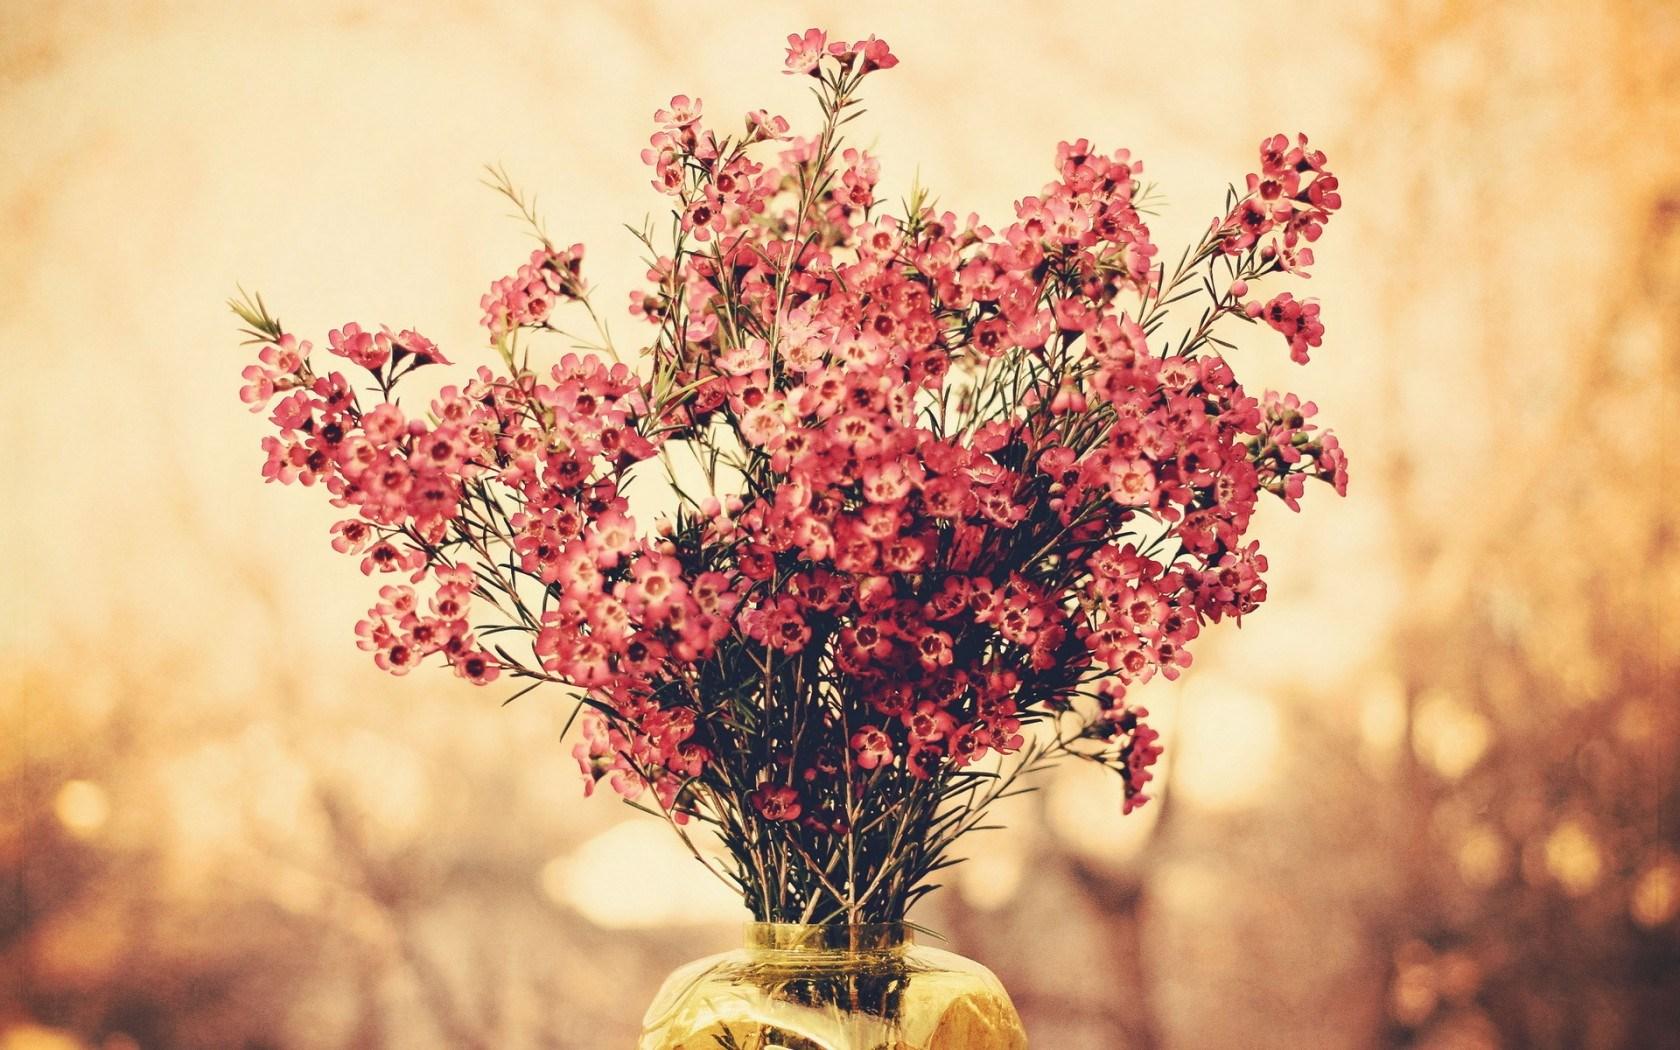 flowers-bouquet-macro-1